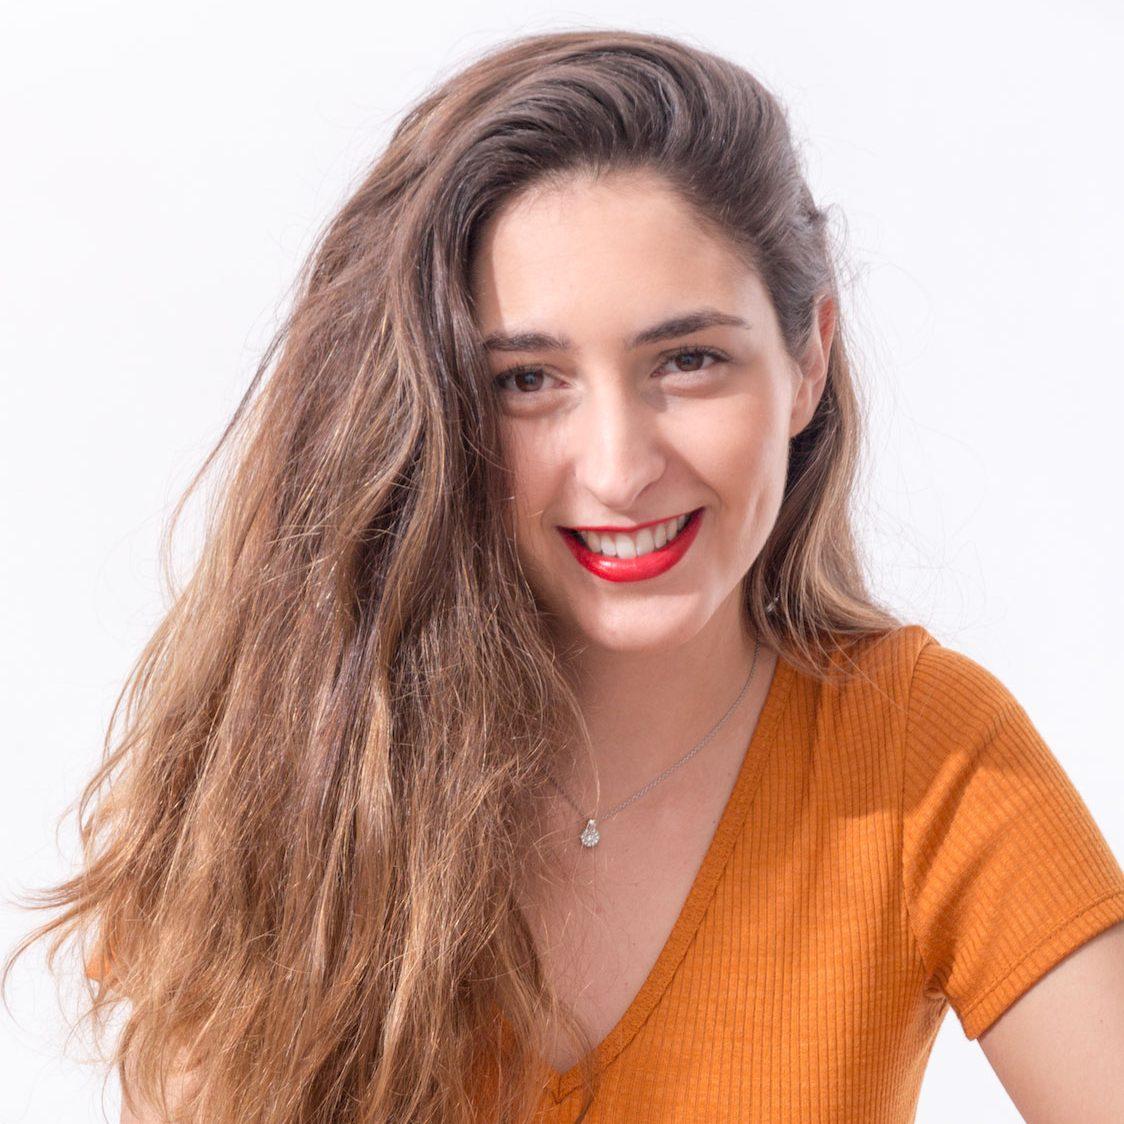 Melanie-quintana-SP